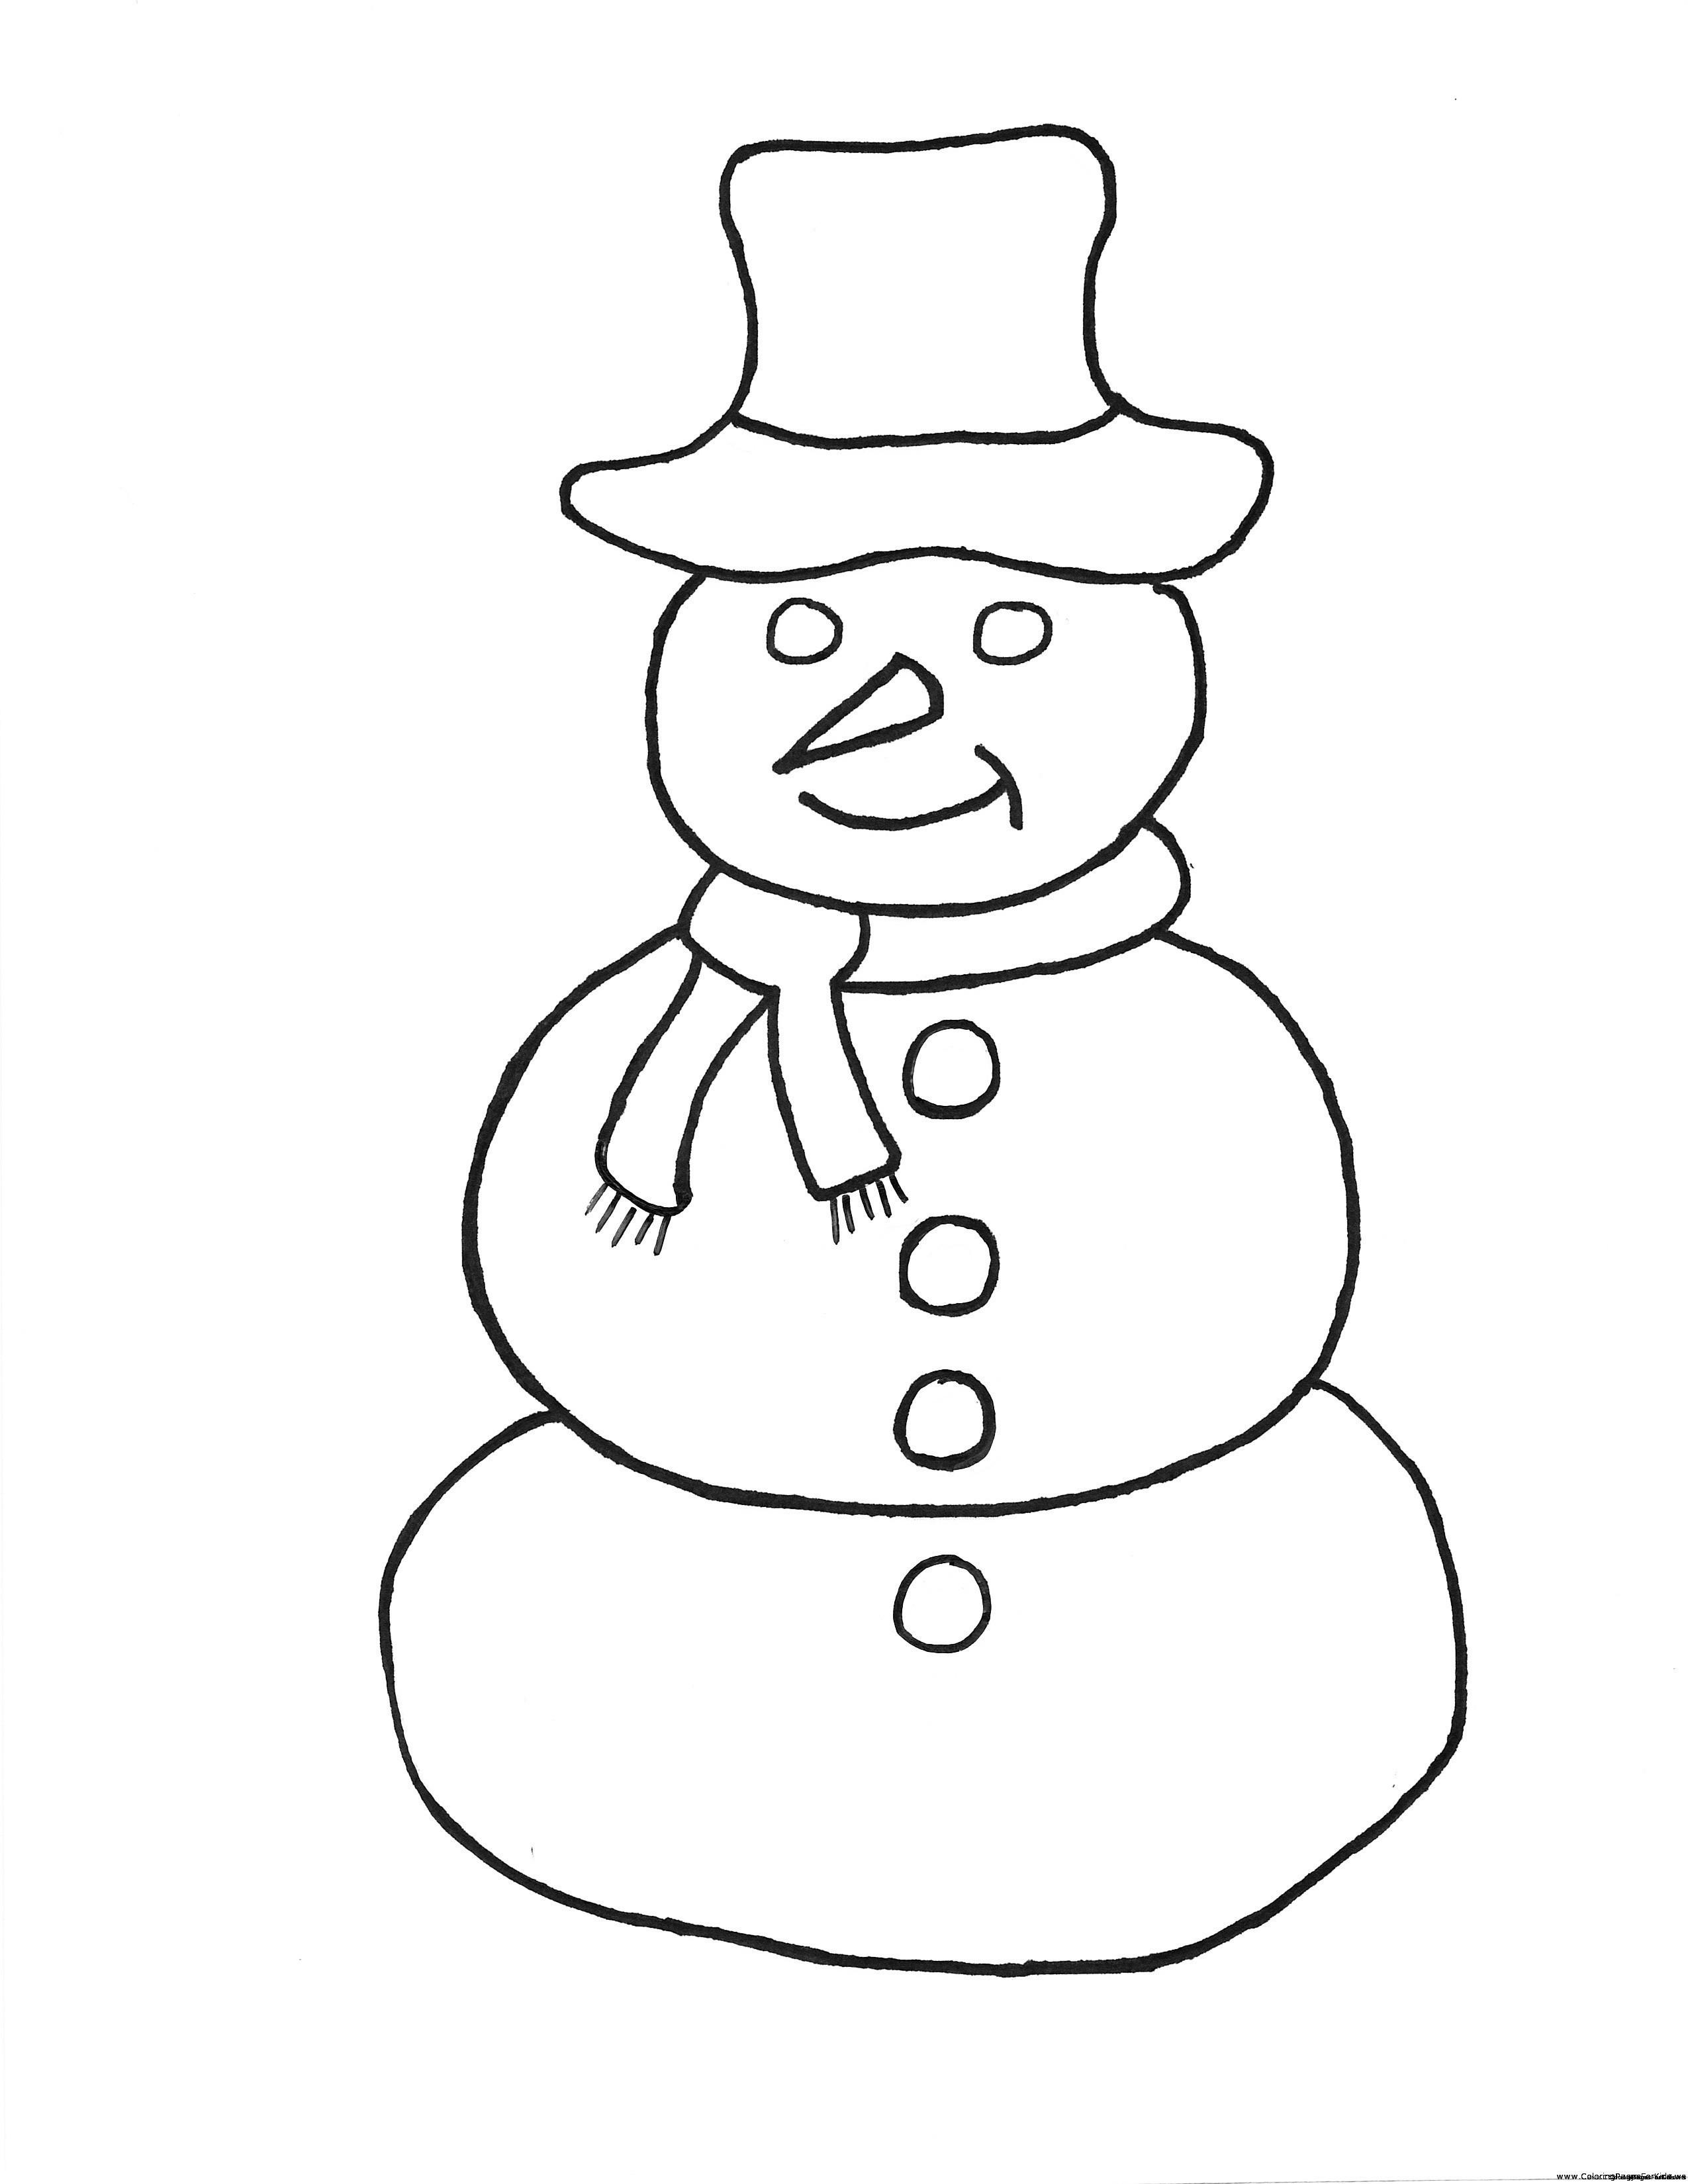 Christmas Snowman Drawing At Getdrawings